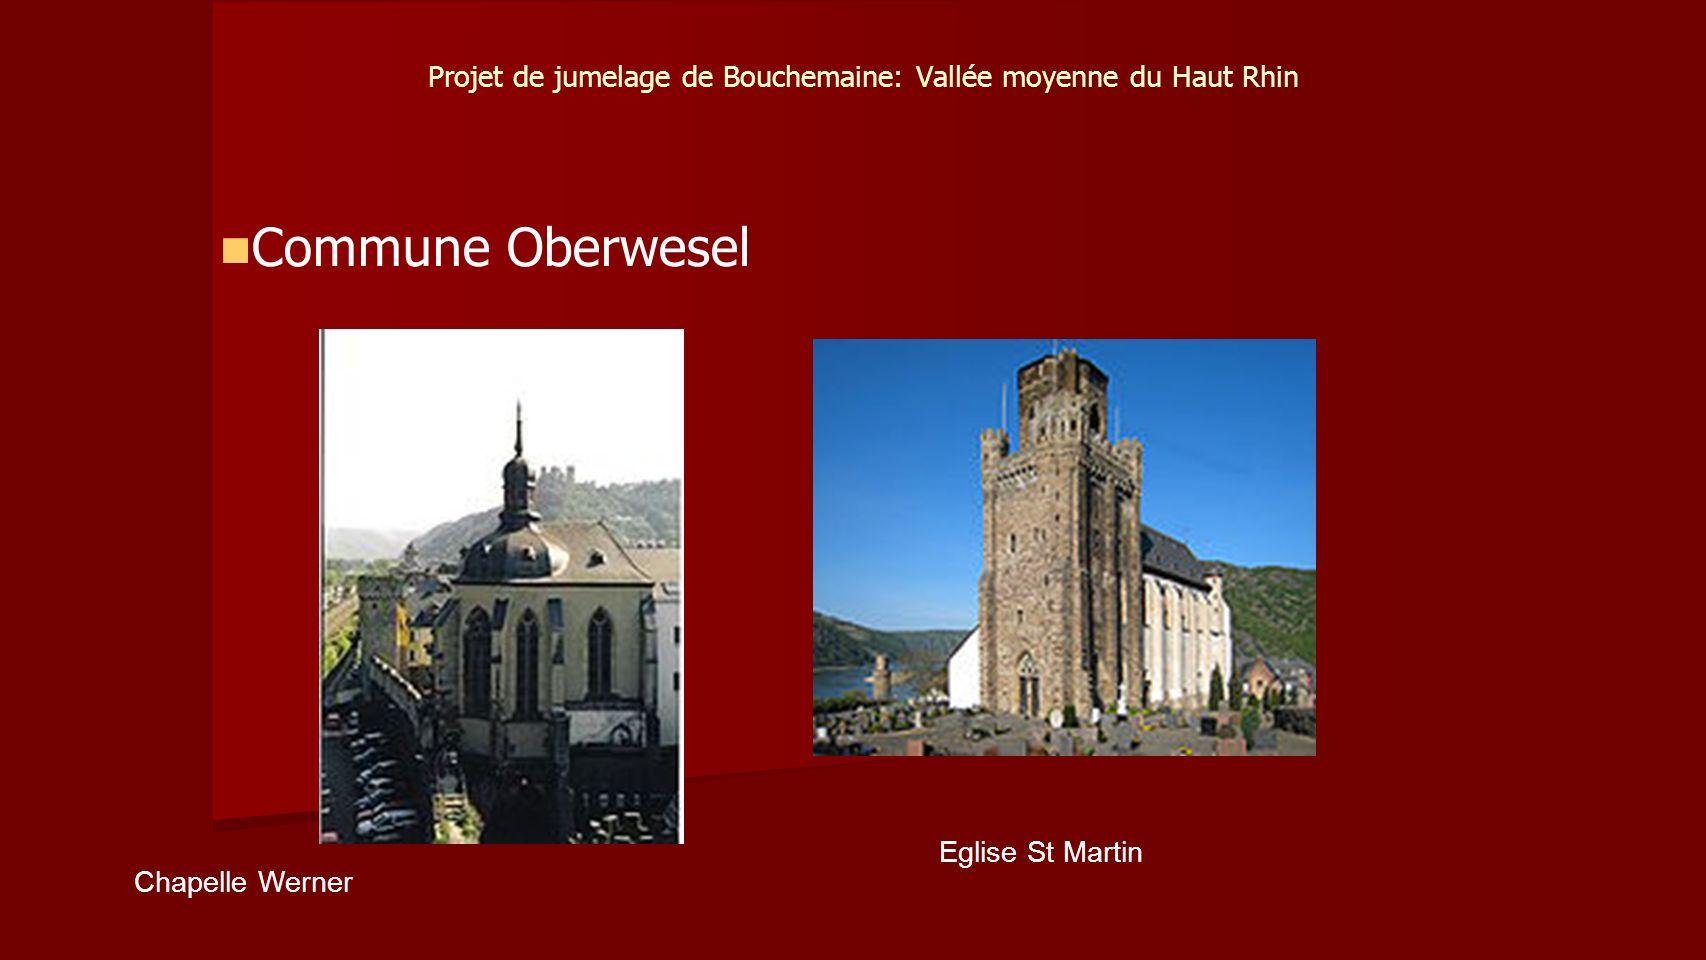 Projet de jumelage de Bouchemaine: Vallée moyenne du Haut Rhin Commune Oberwesel Eglise St Martin Chapelle Werner